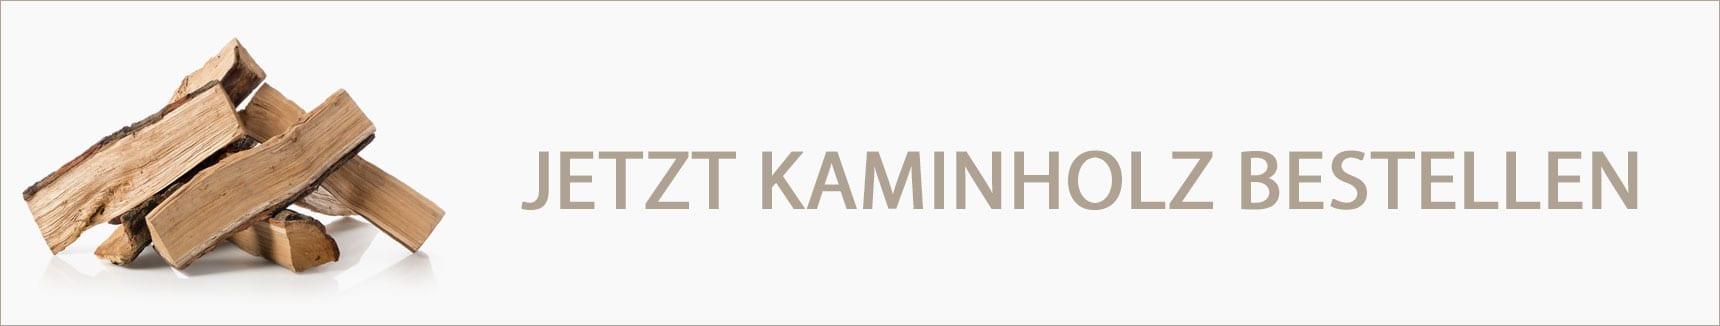 kaminholz - Ferien am Feuer